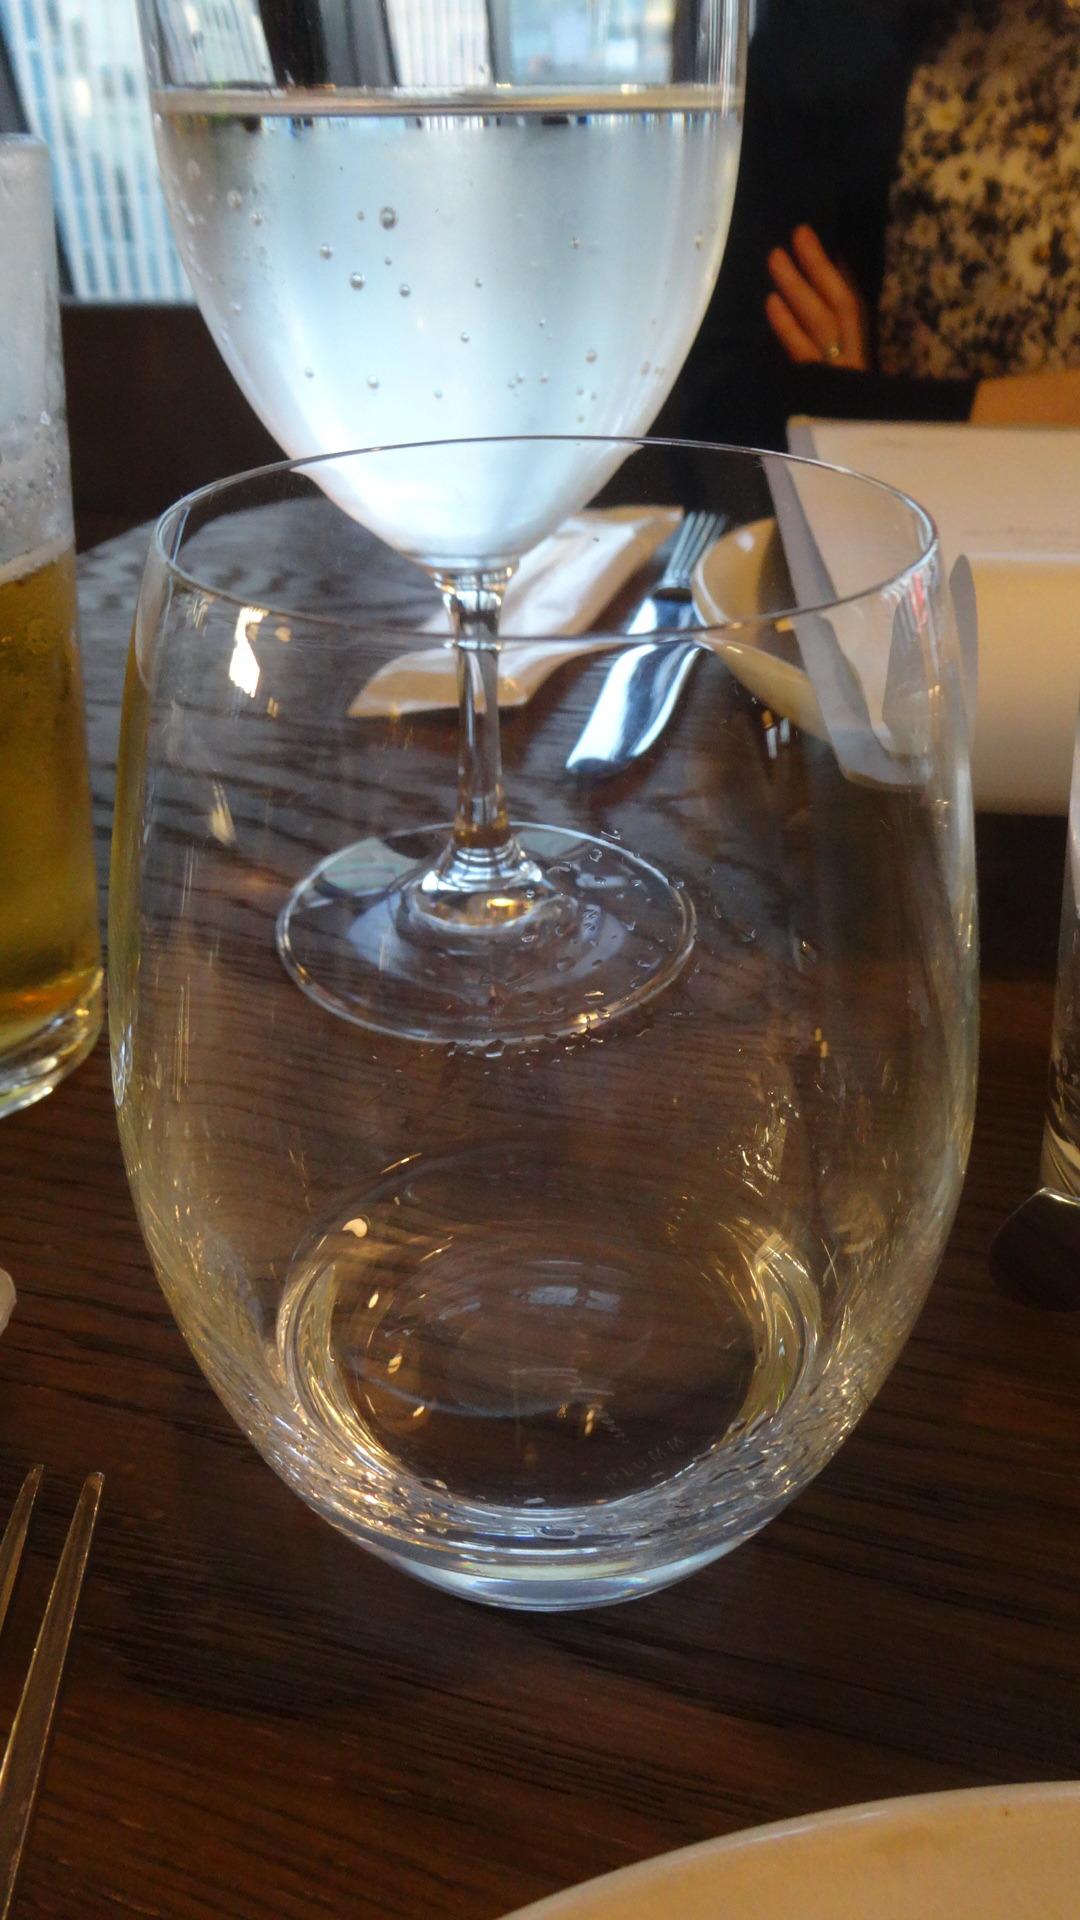 透明の液体が入ったグラス